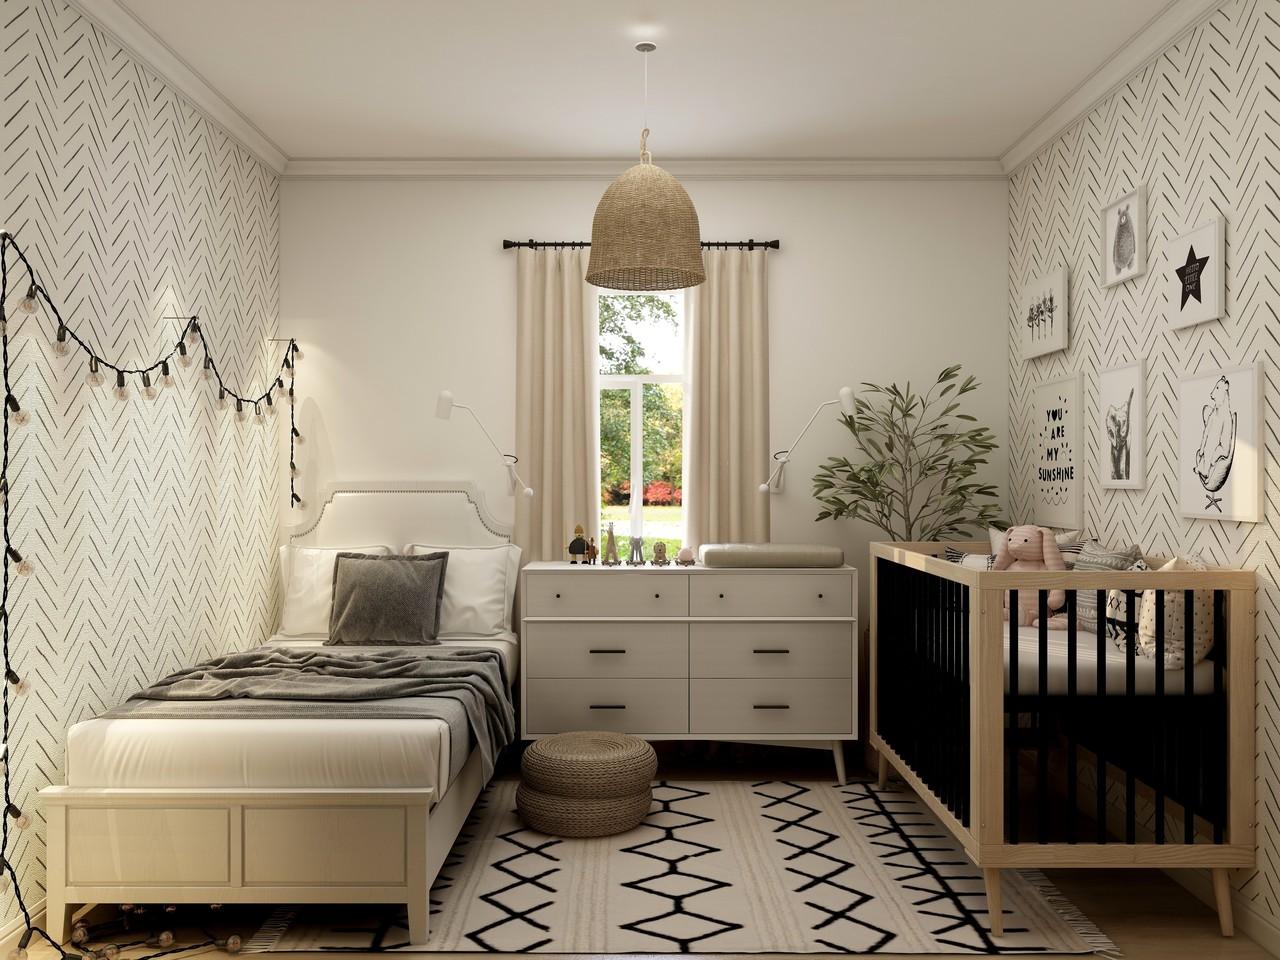 Custom framing and framed art for baby room